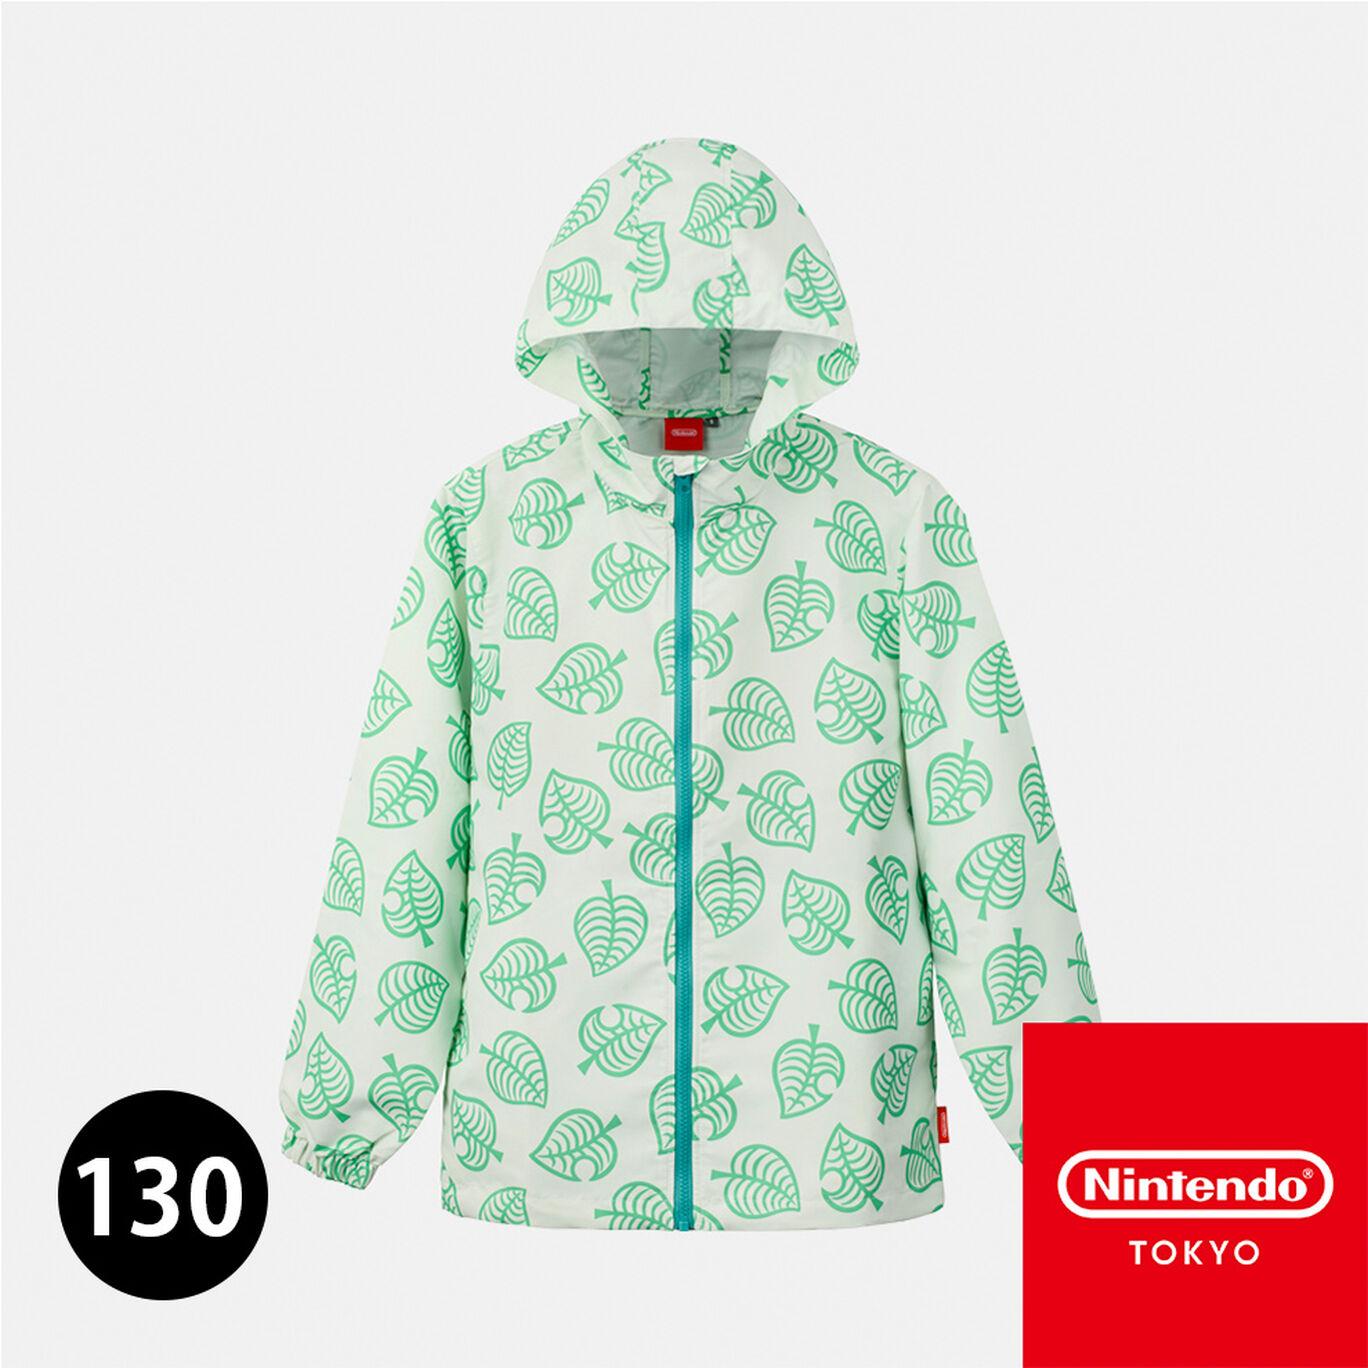 ウィンドブレーカー 130 あつまれ どうぶつの森【Nintendo TOKYO取り扱い商品】